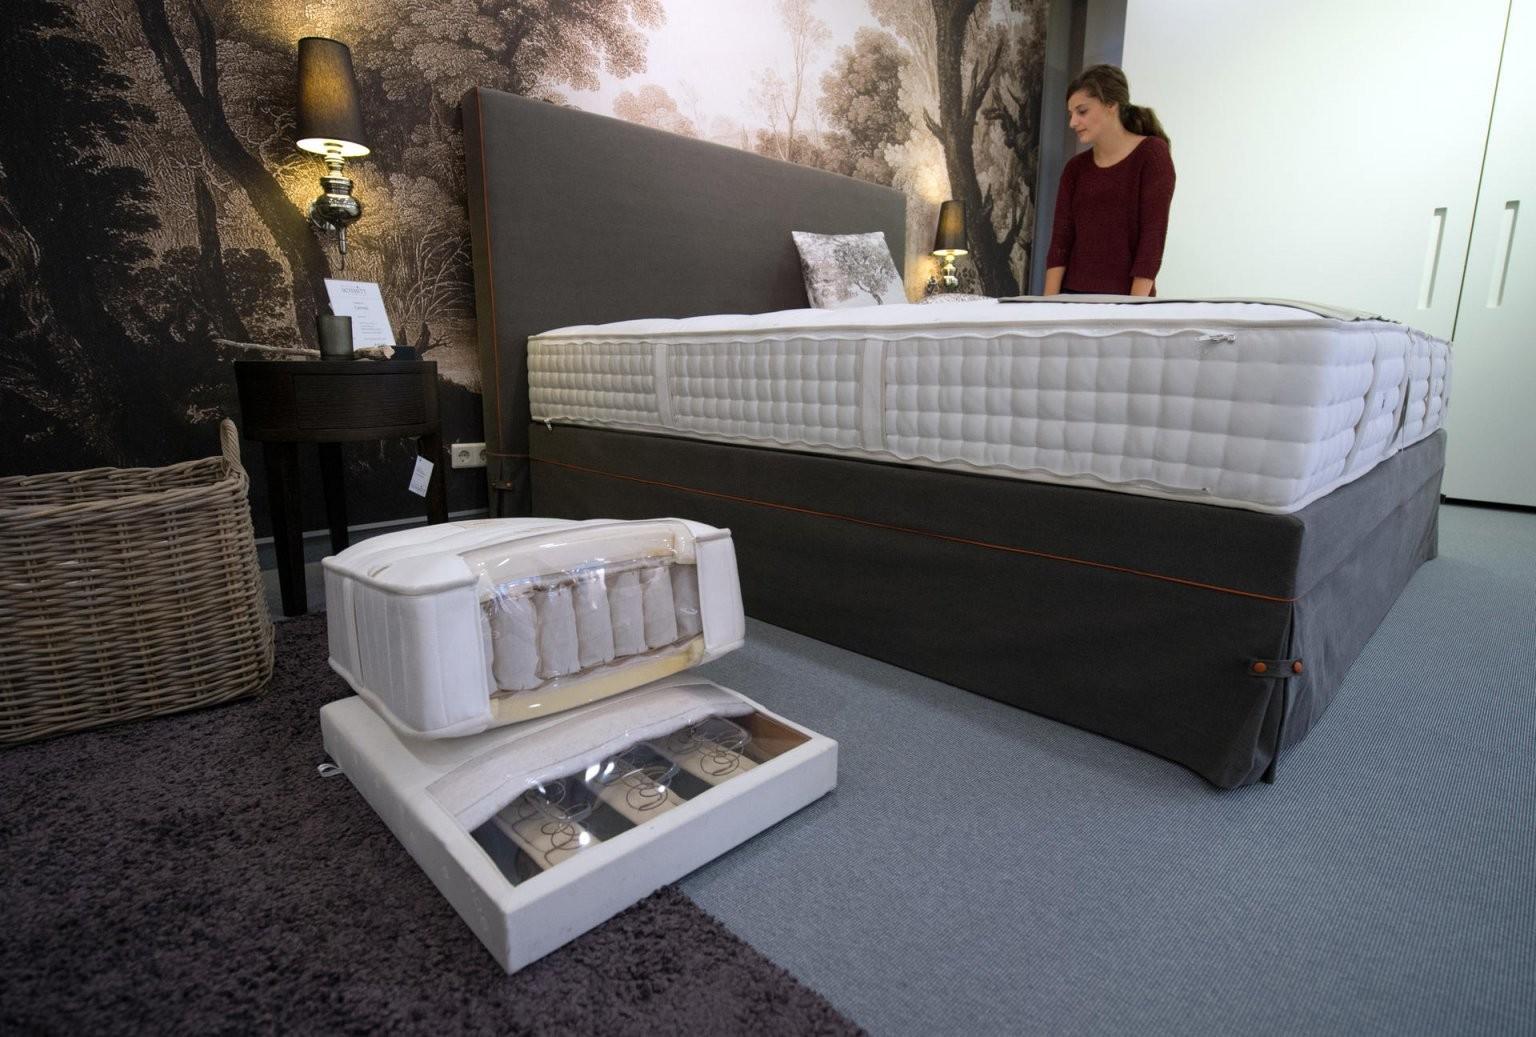 Boxspringbett Im Schlafzimmer Das Sind Die Nachteile von Normales Bett Zum Boxspringbett Umbauen Bild